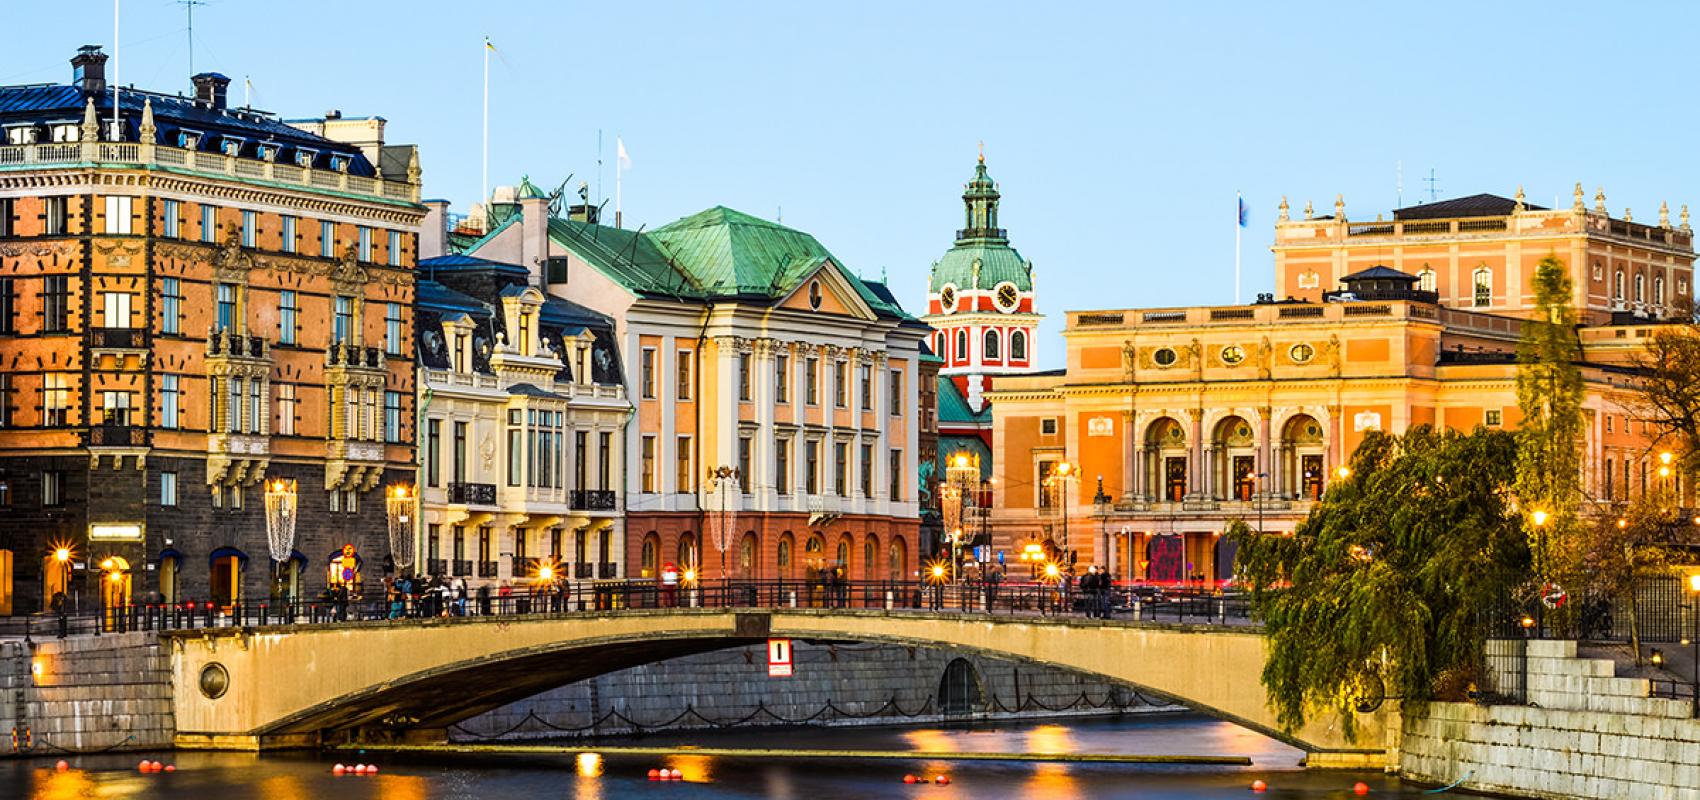 Stolckholm, Sweden